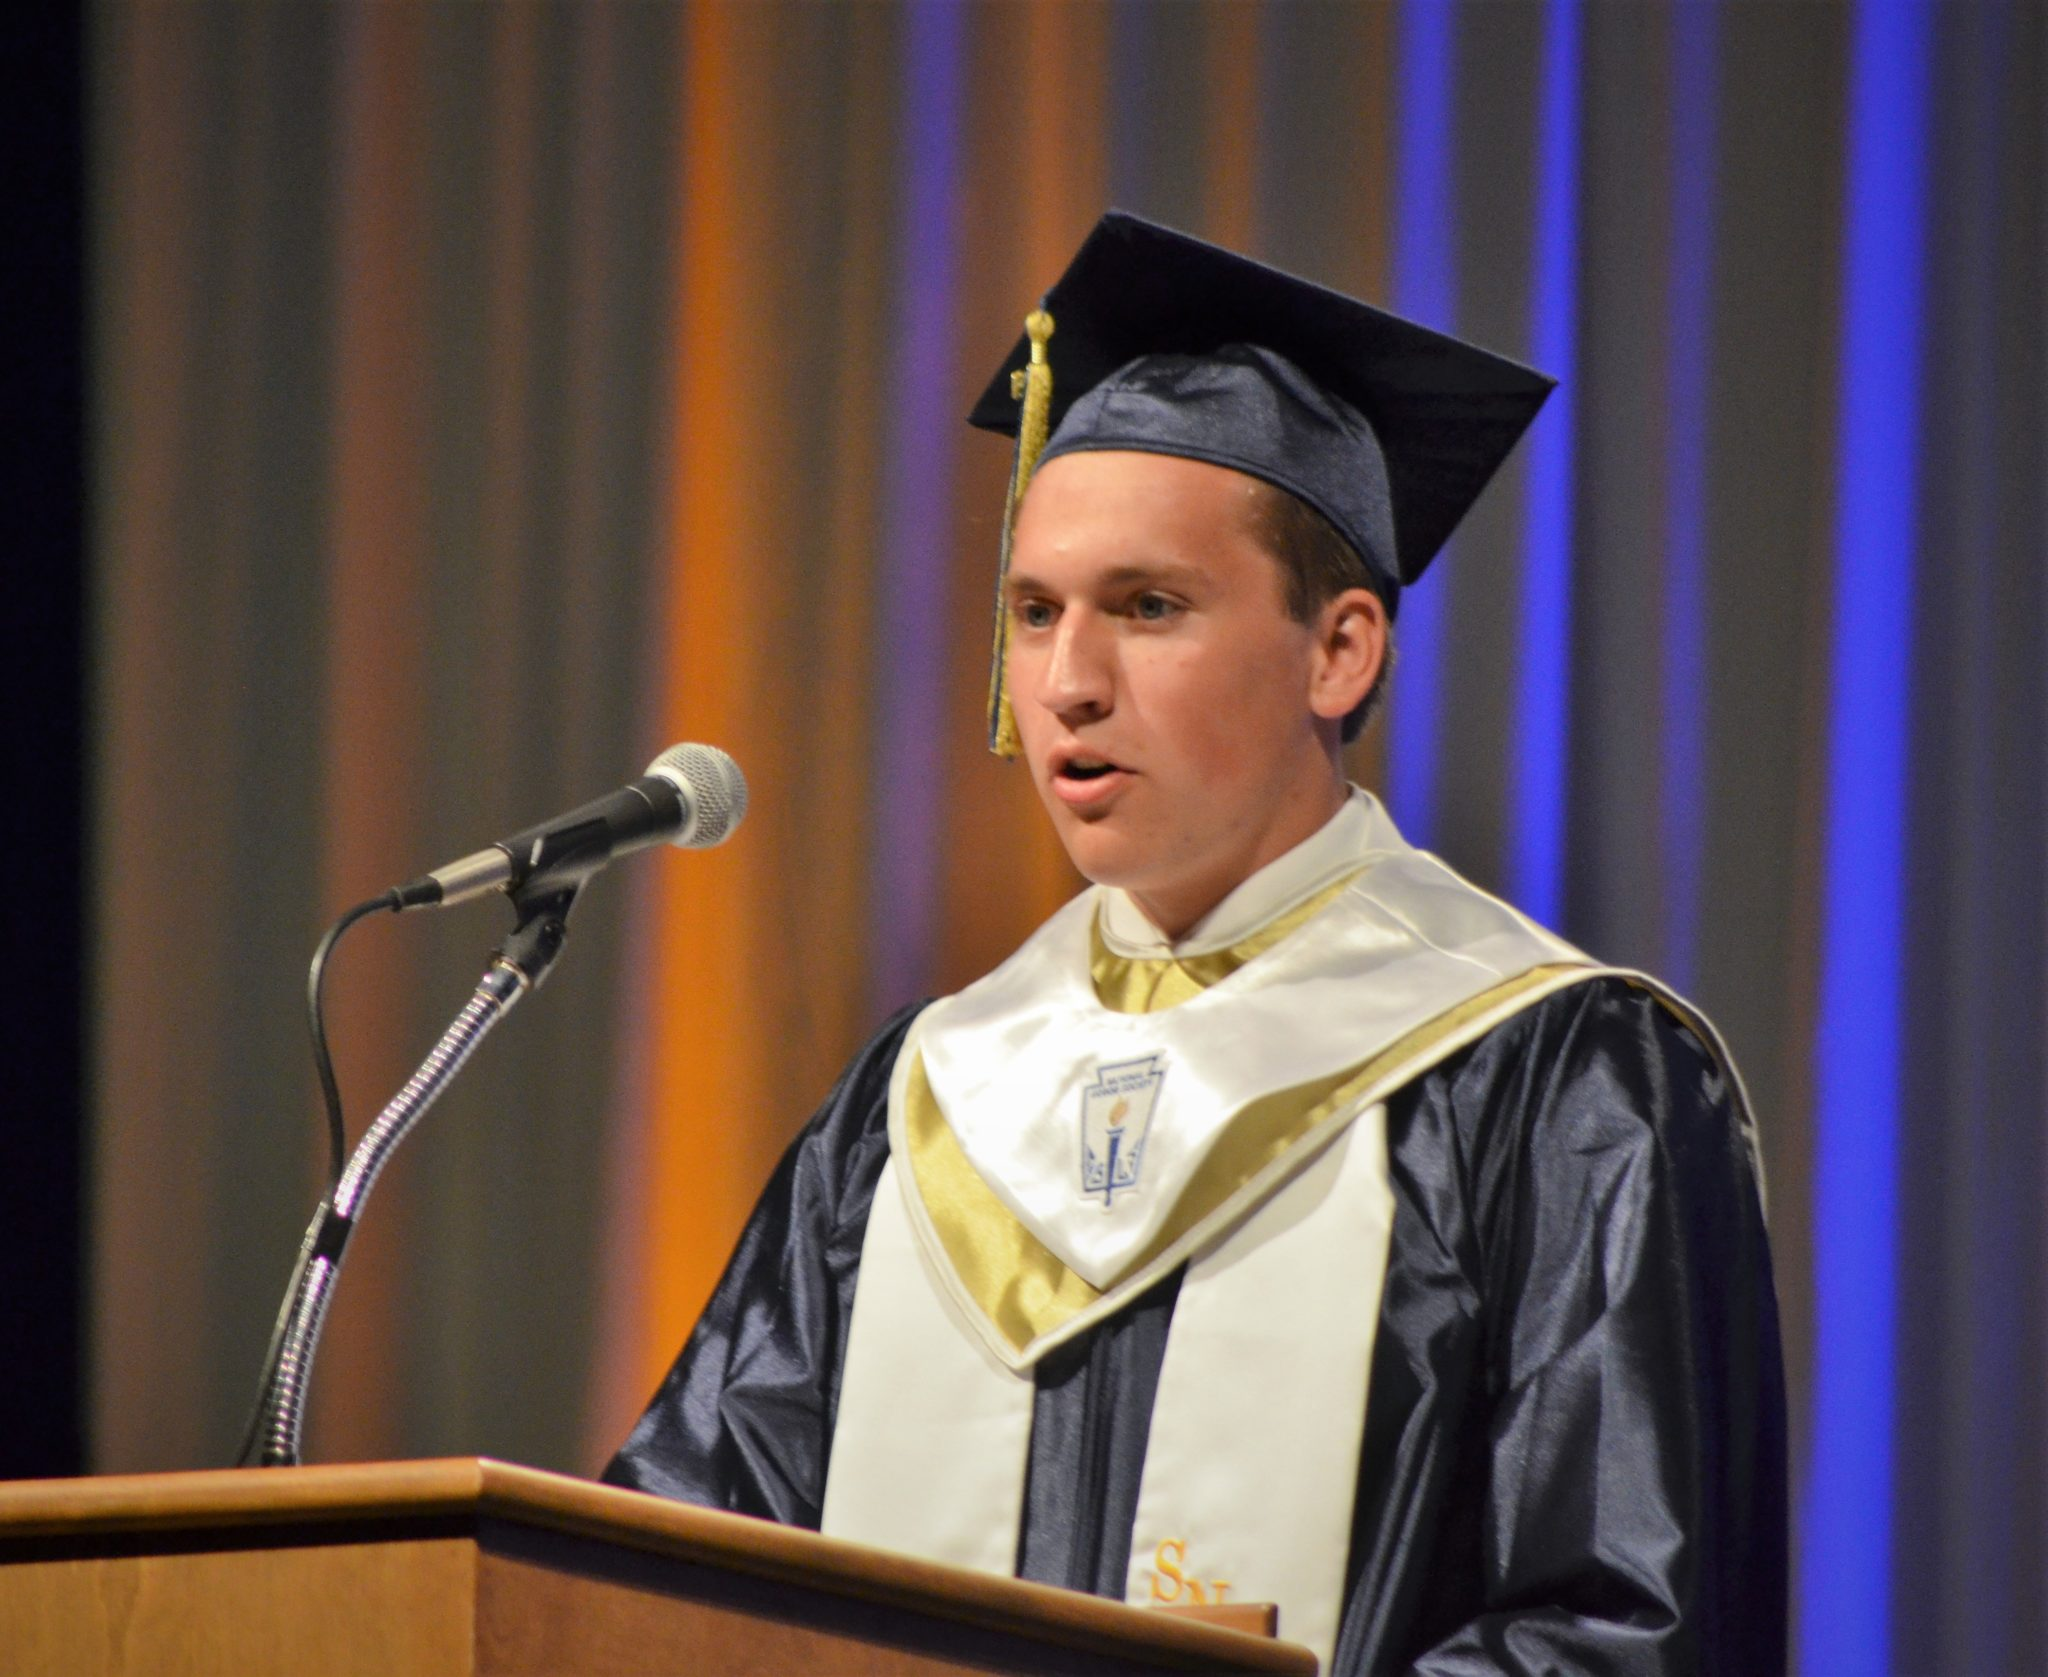 Graduation speaker Jared Stephan